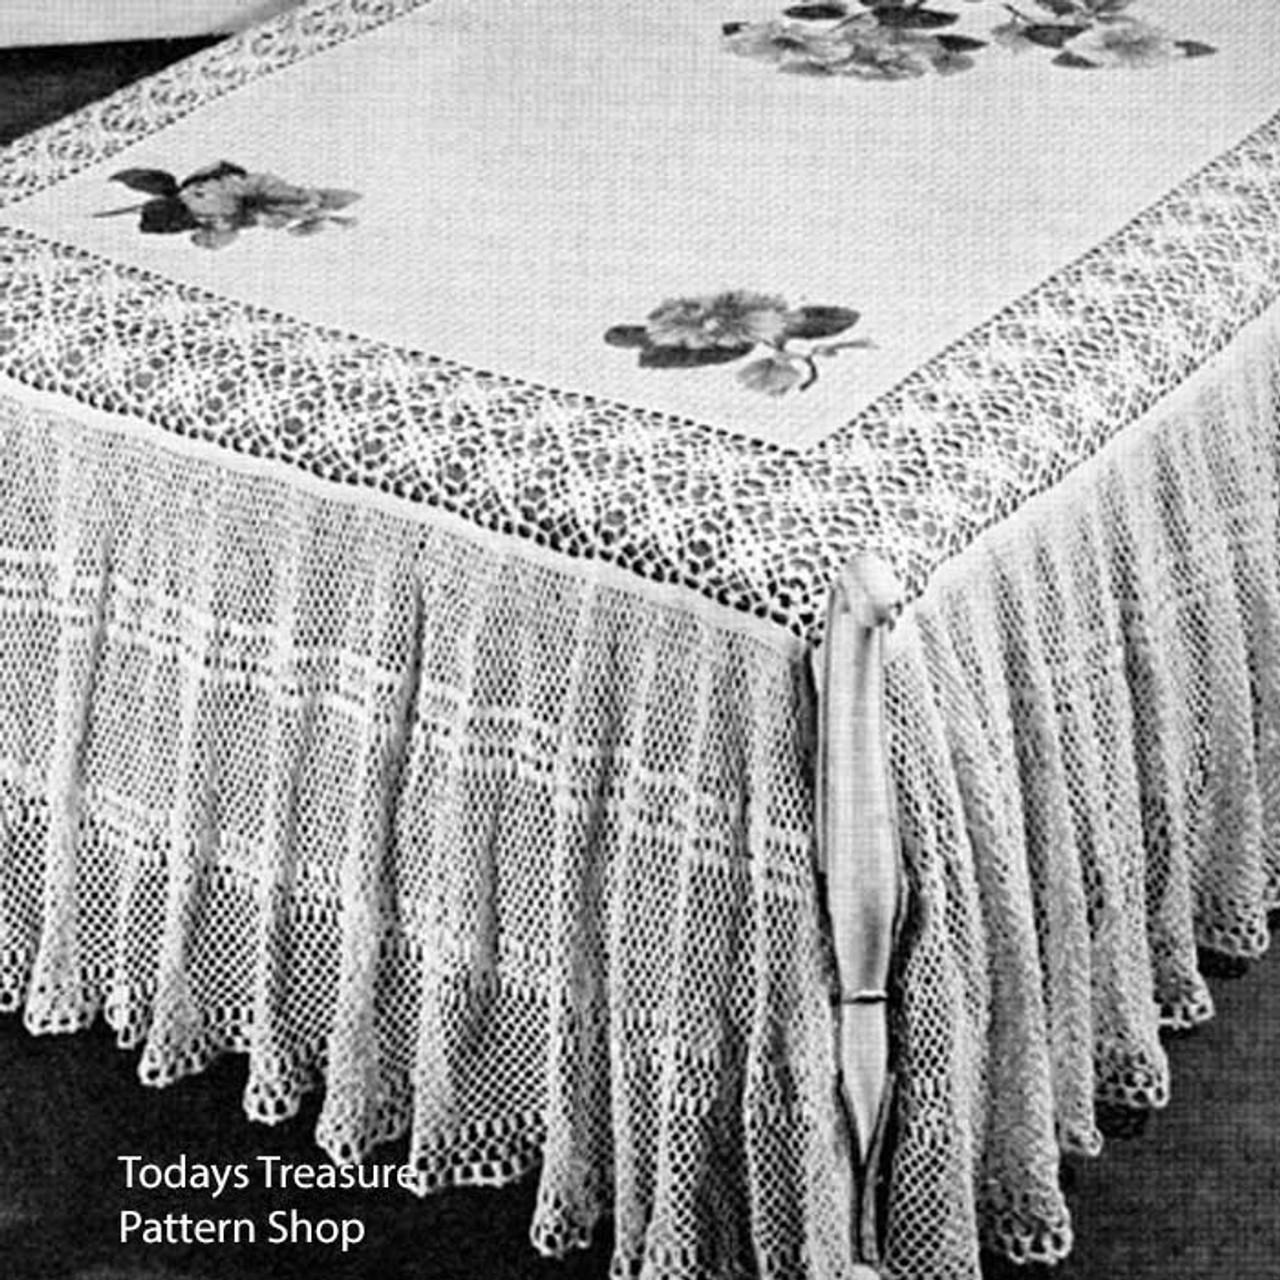 Ruffled Lace Crocheted Bedspread Pattern